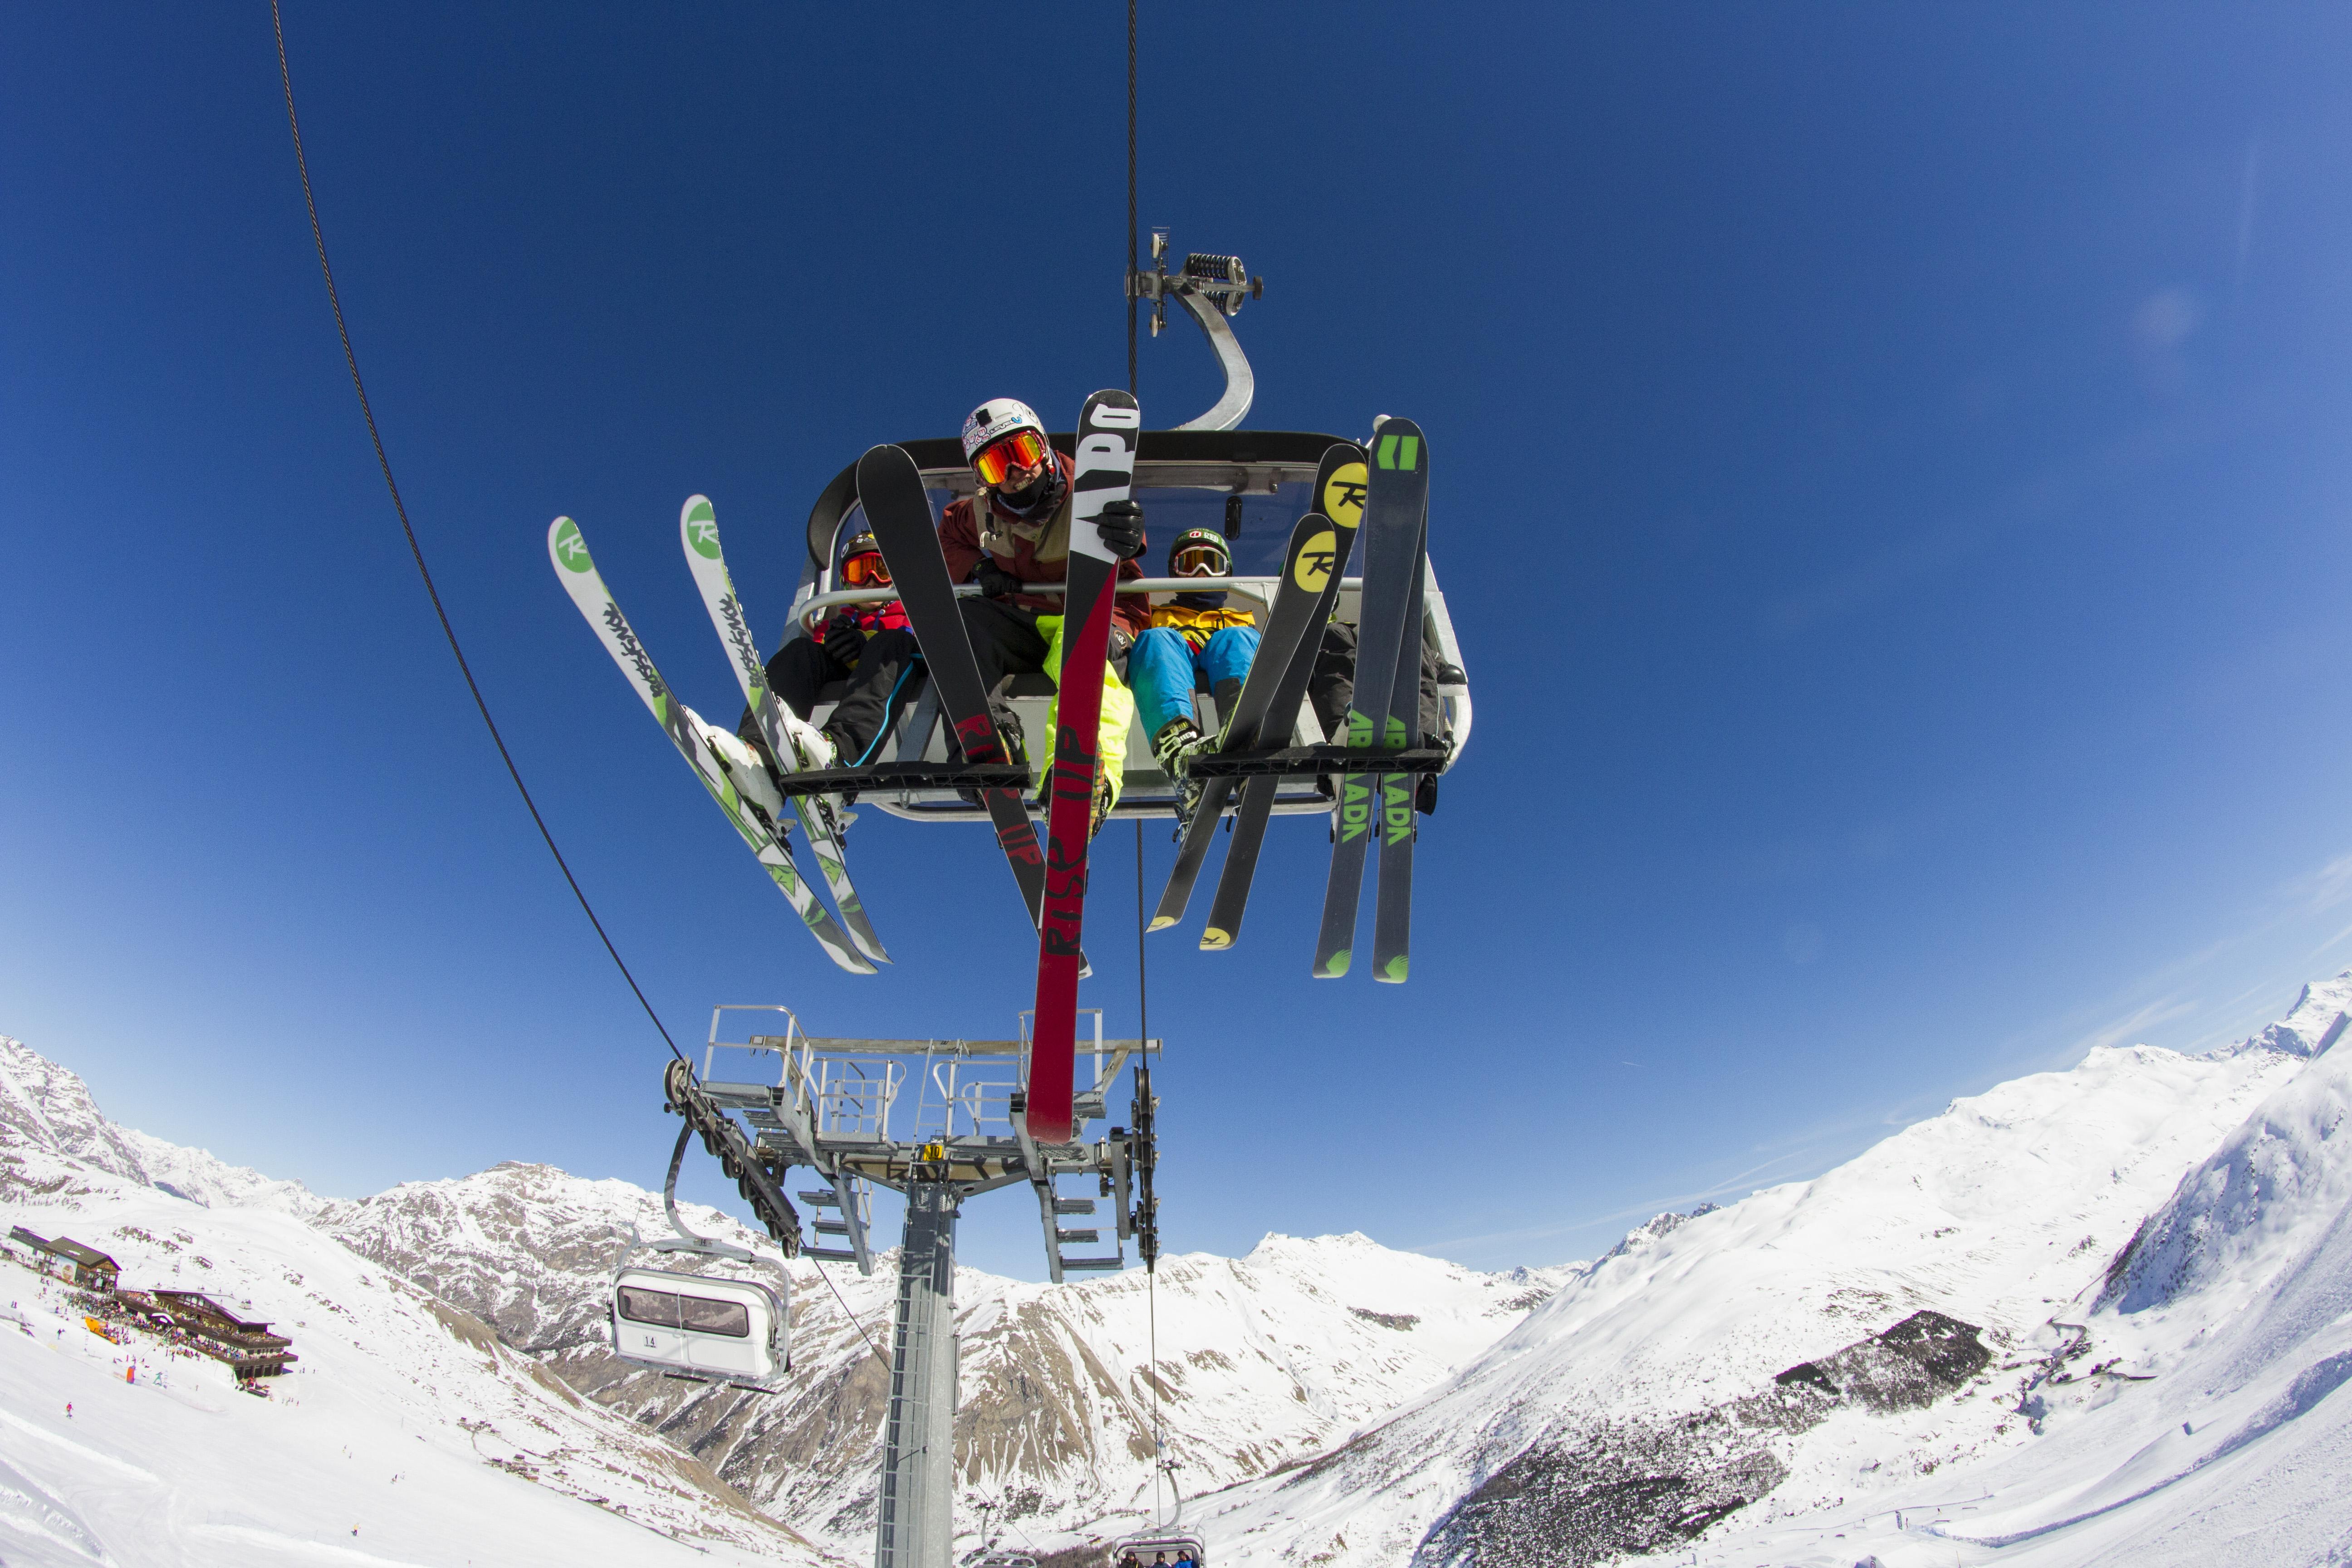 Skipass free a Livigno per vacanze invernali